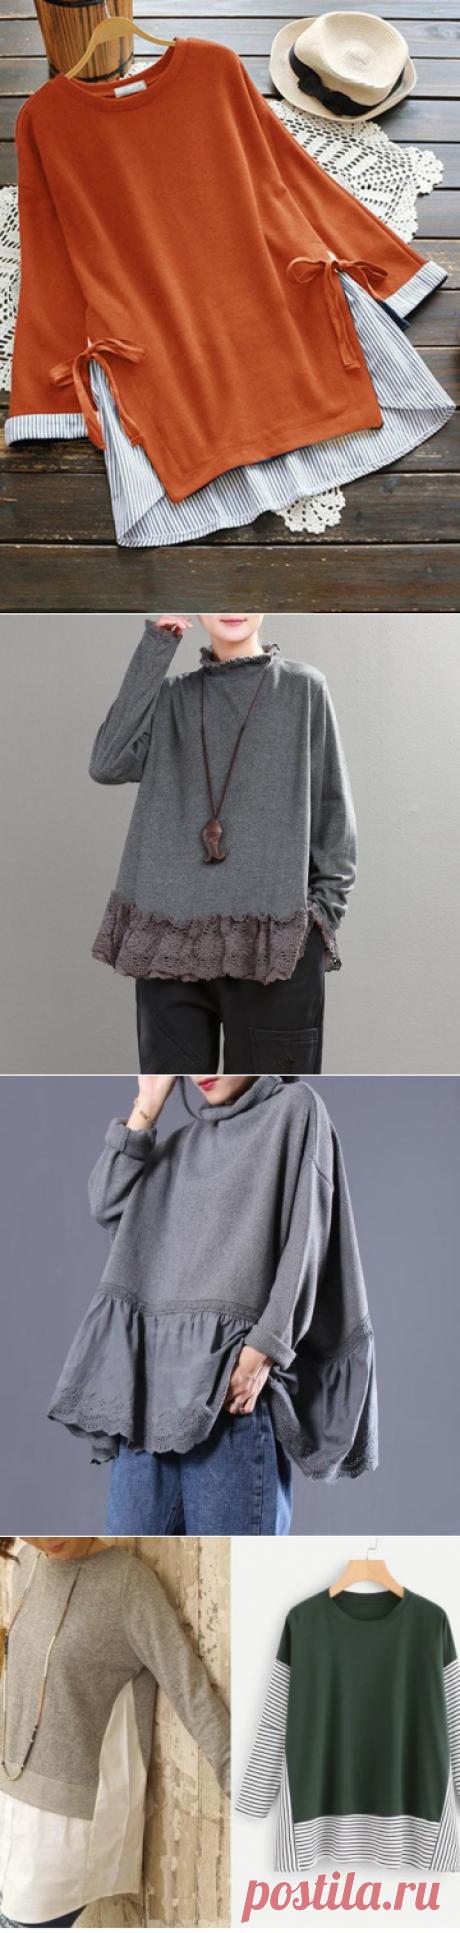 Переделки блузка+кофта / Блузки / ВТОРАЯ УЛИЦА - Выкройки, мода и современное рукоделие и DIY Для себя любимой